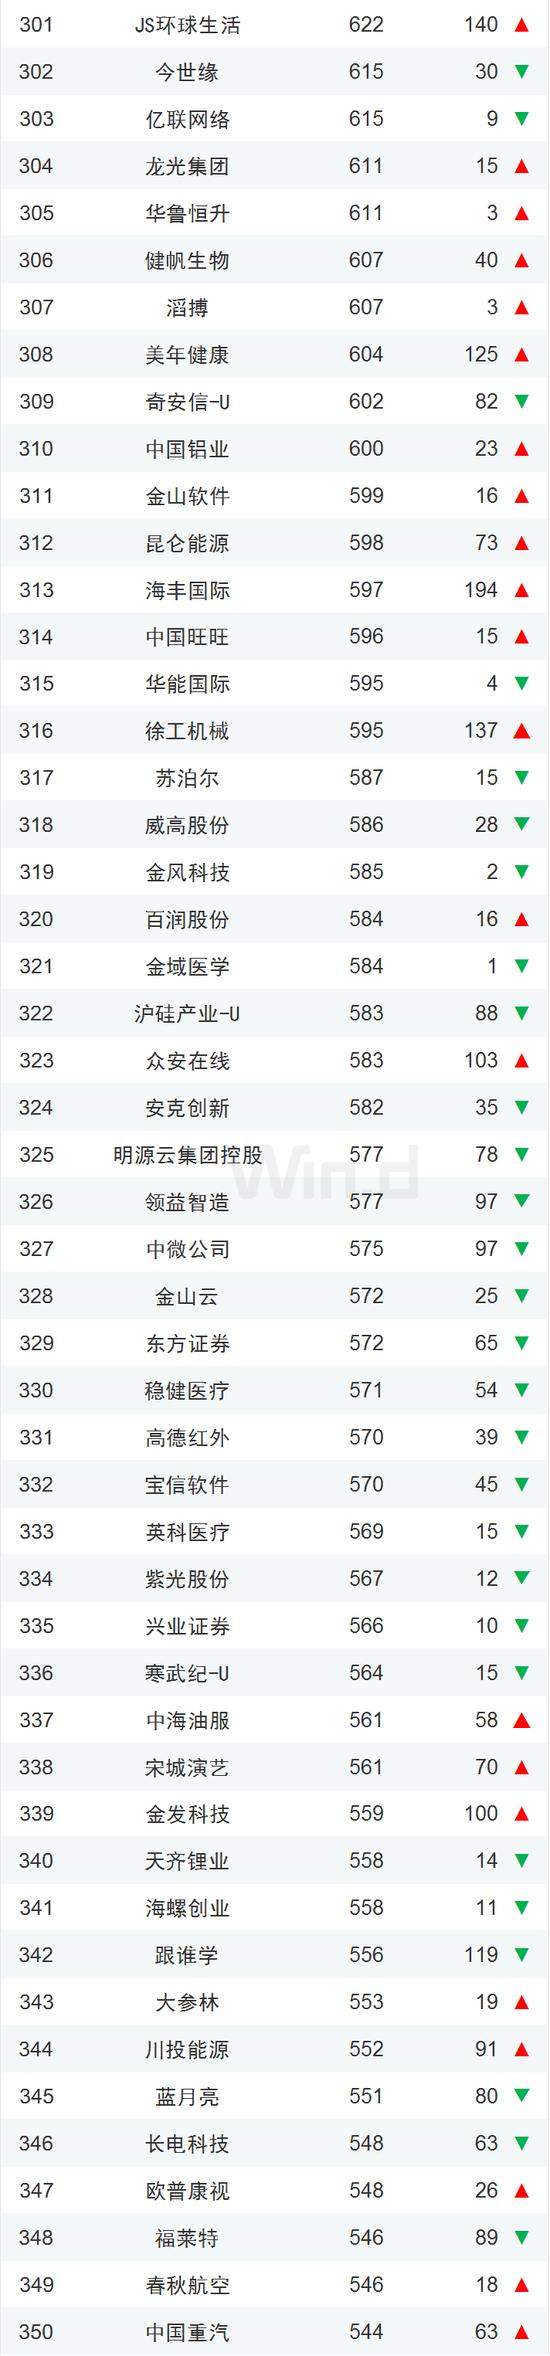 中国企业市值500强一览:腾讯阿里霸榜、茅台紧随其后的照片 - 8